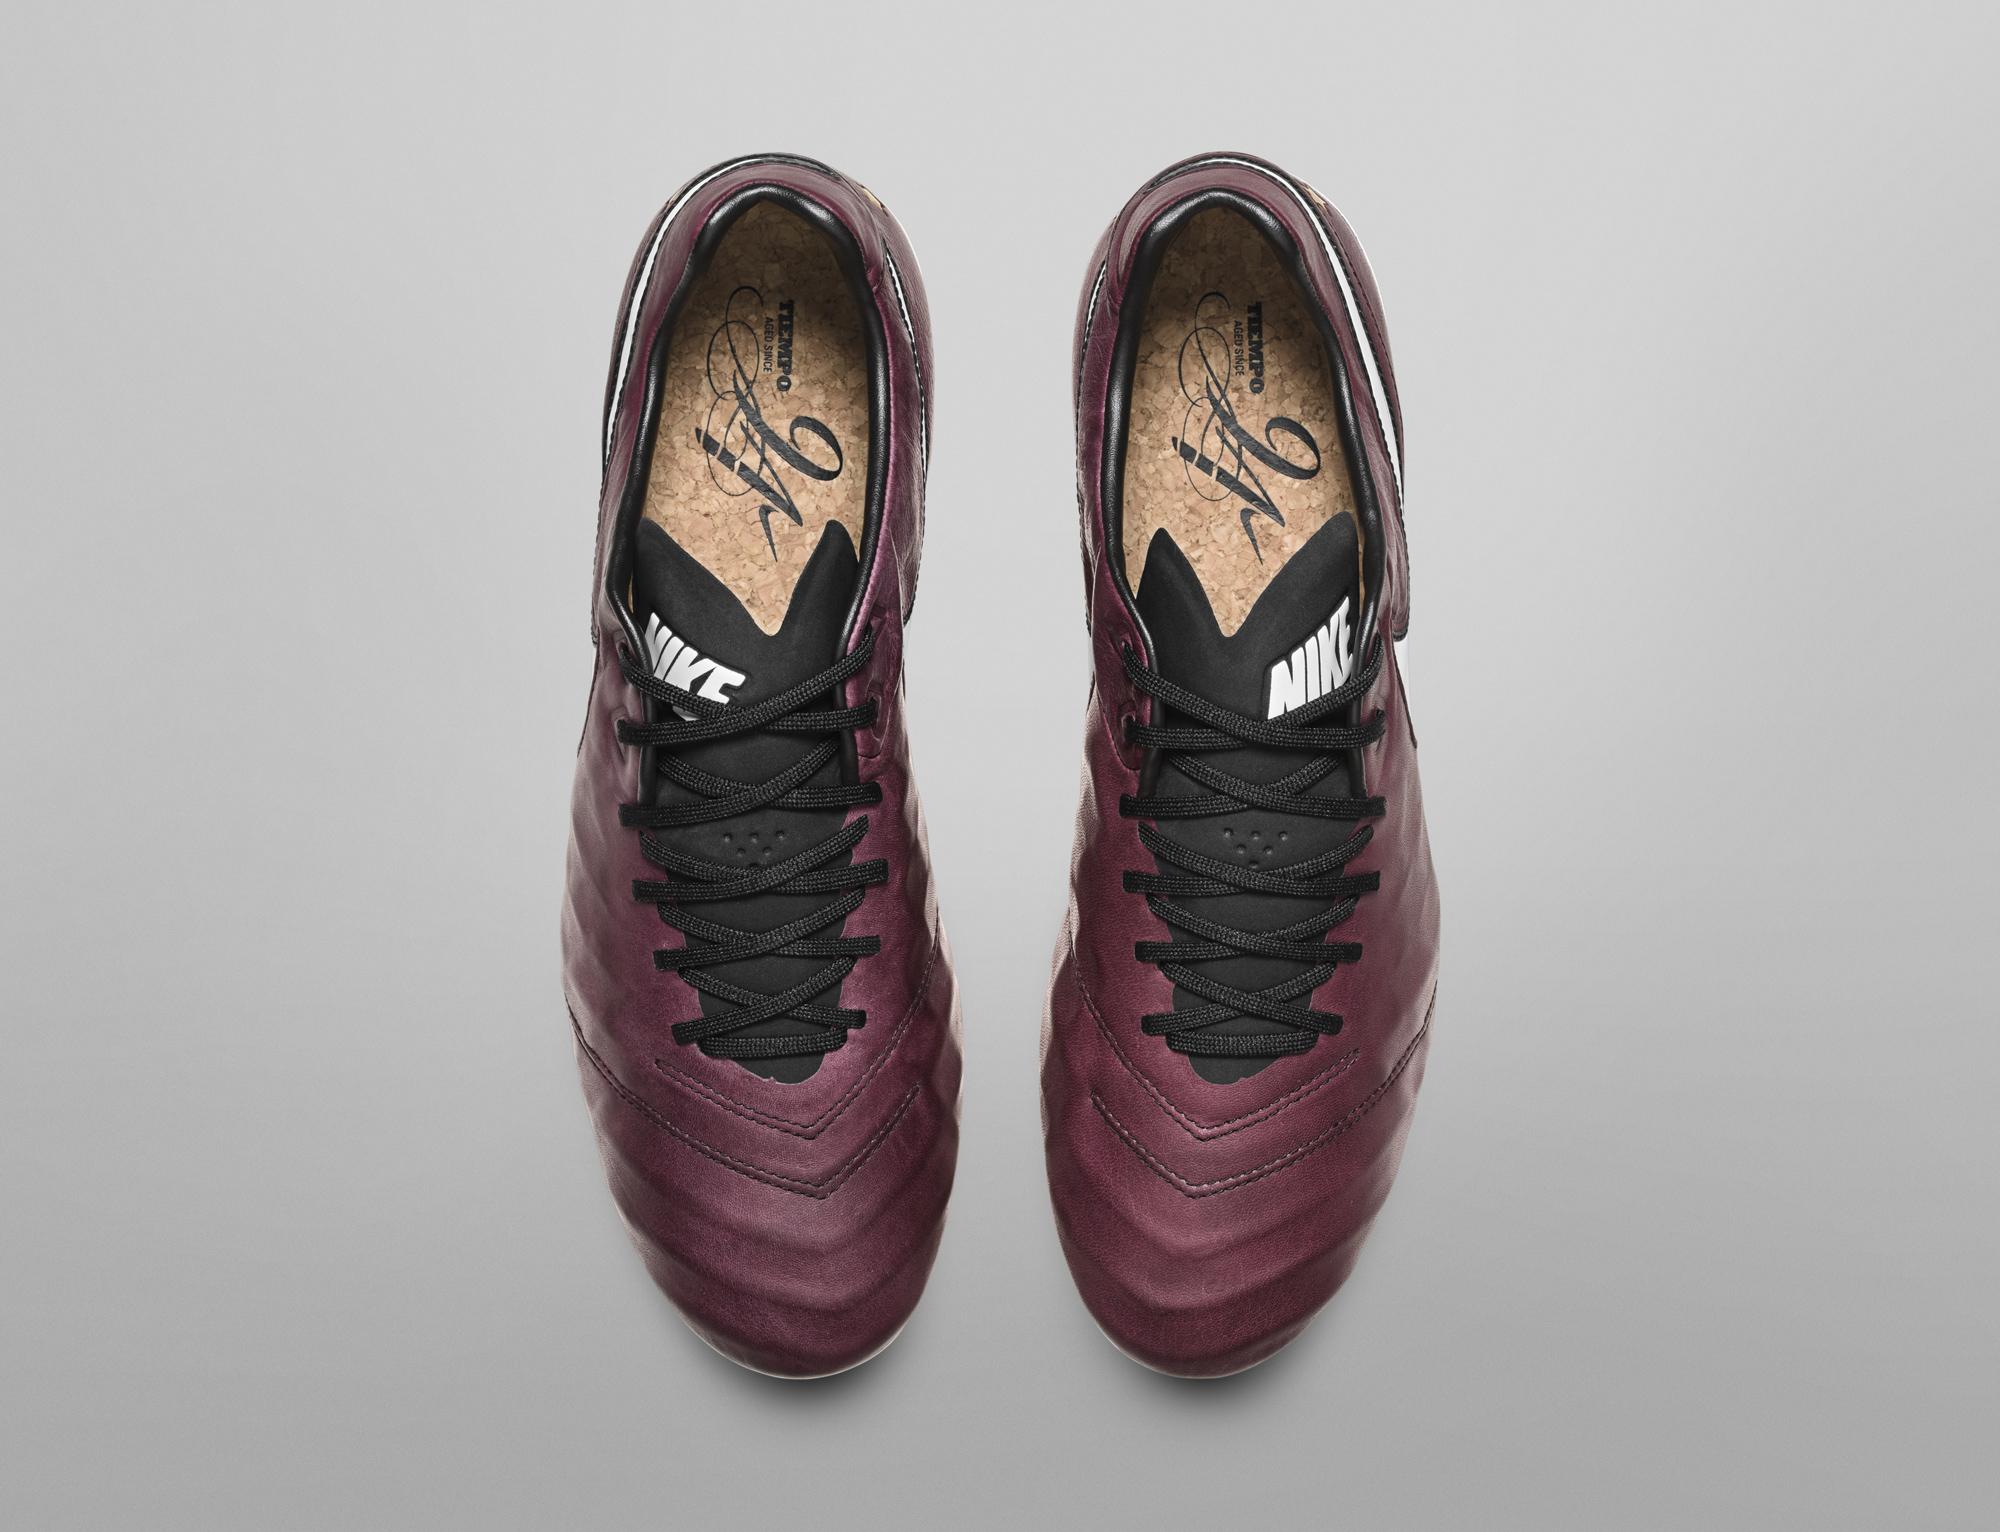 3ef593b15 ... boots - Nike Tiempo Tiempo Pirlo. Download Image LO · HI ...